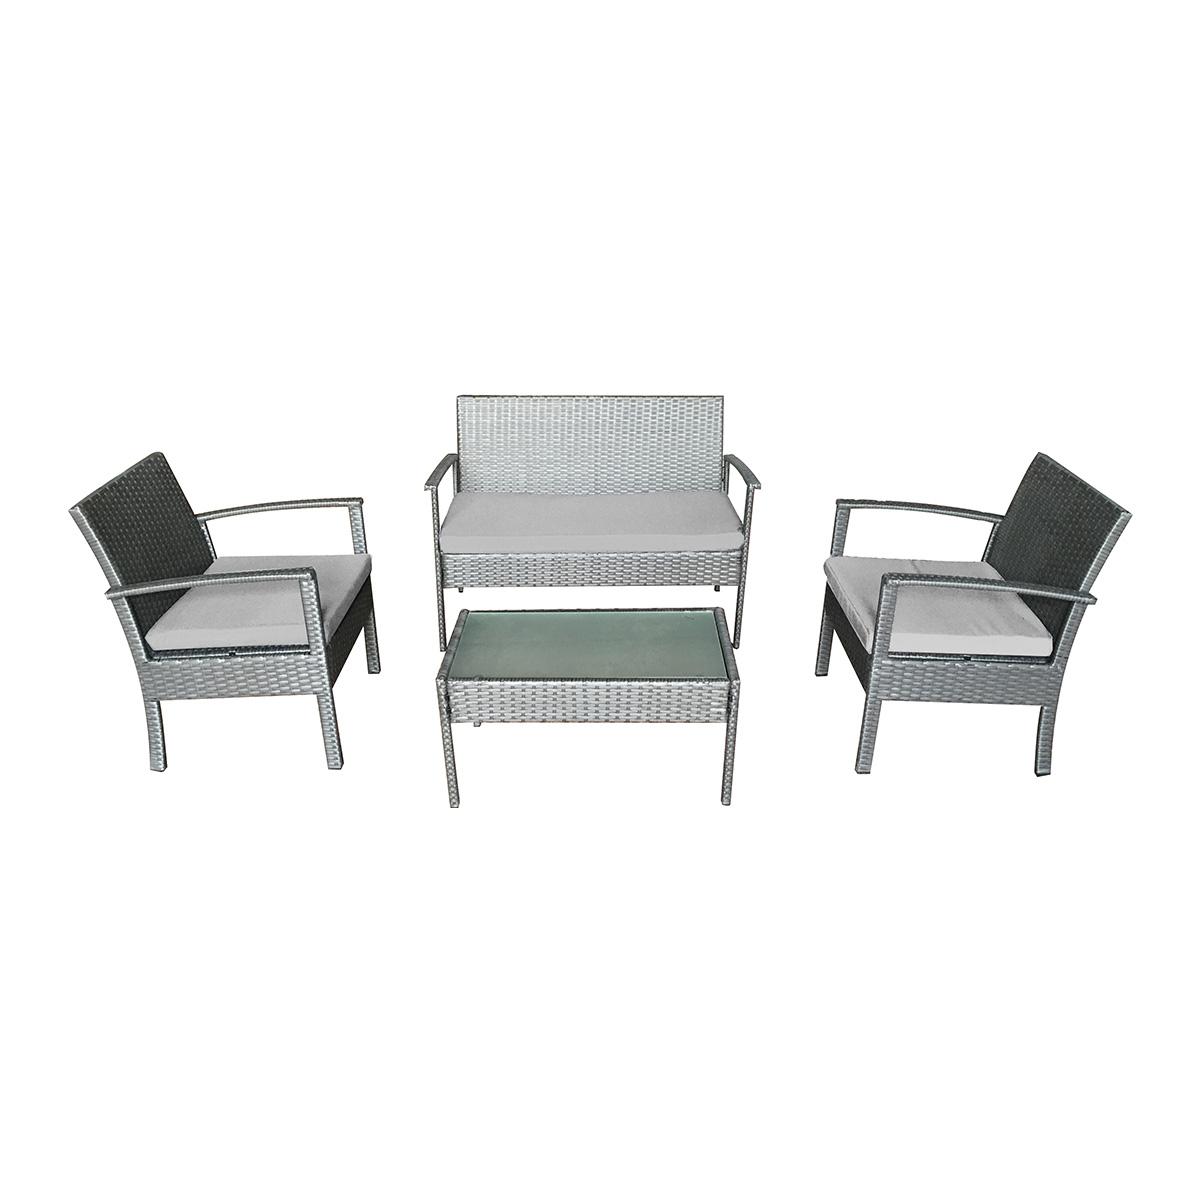 salon de jardin cemonjardin tritoo. Black Bedroom Furniture Sets. Home Design Ideas